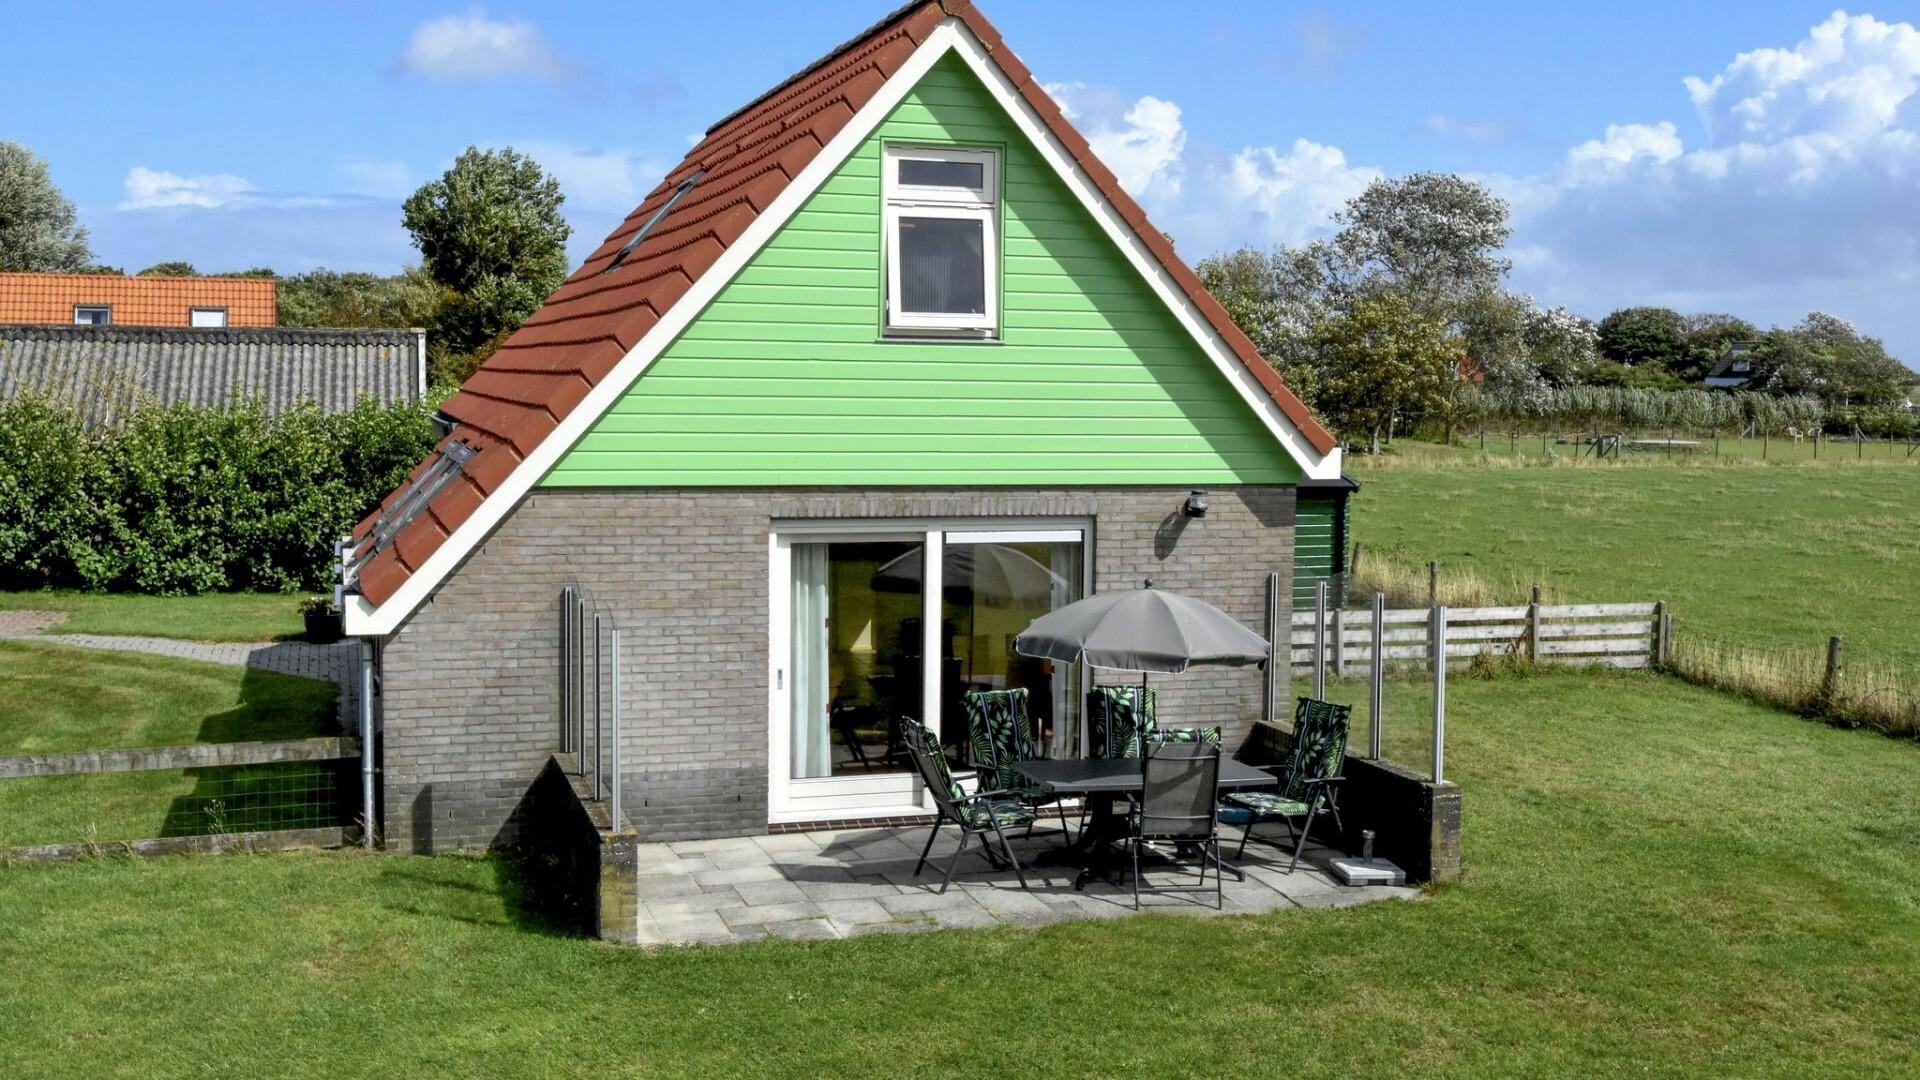 Vakantiehuis De Vijf Sterren in Eierland VVV Texel